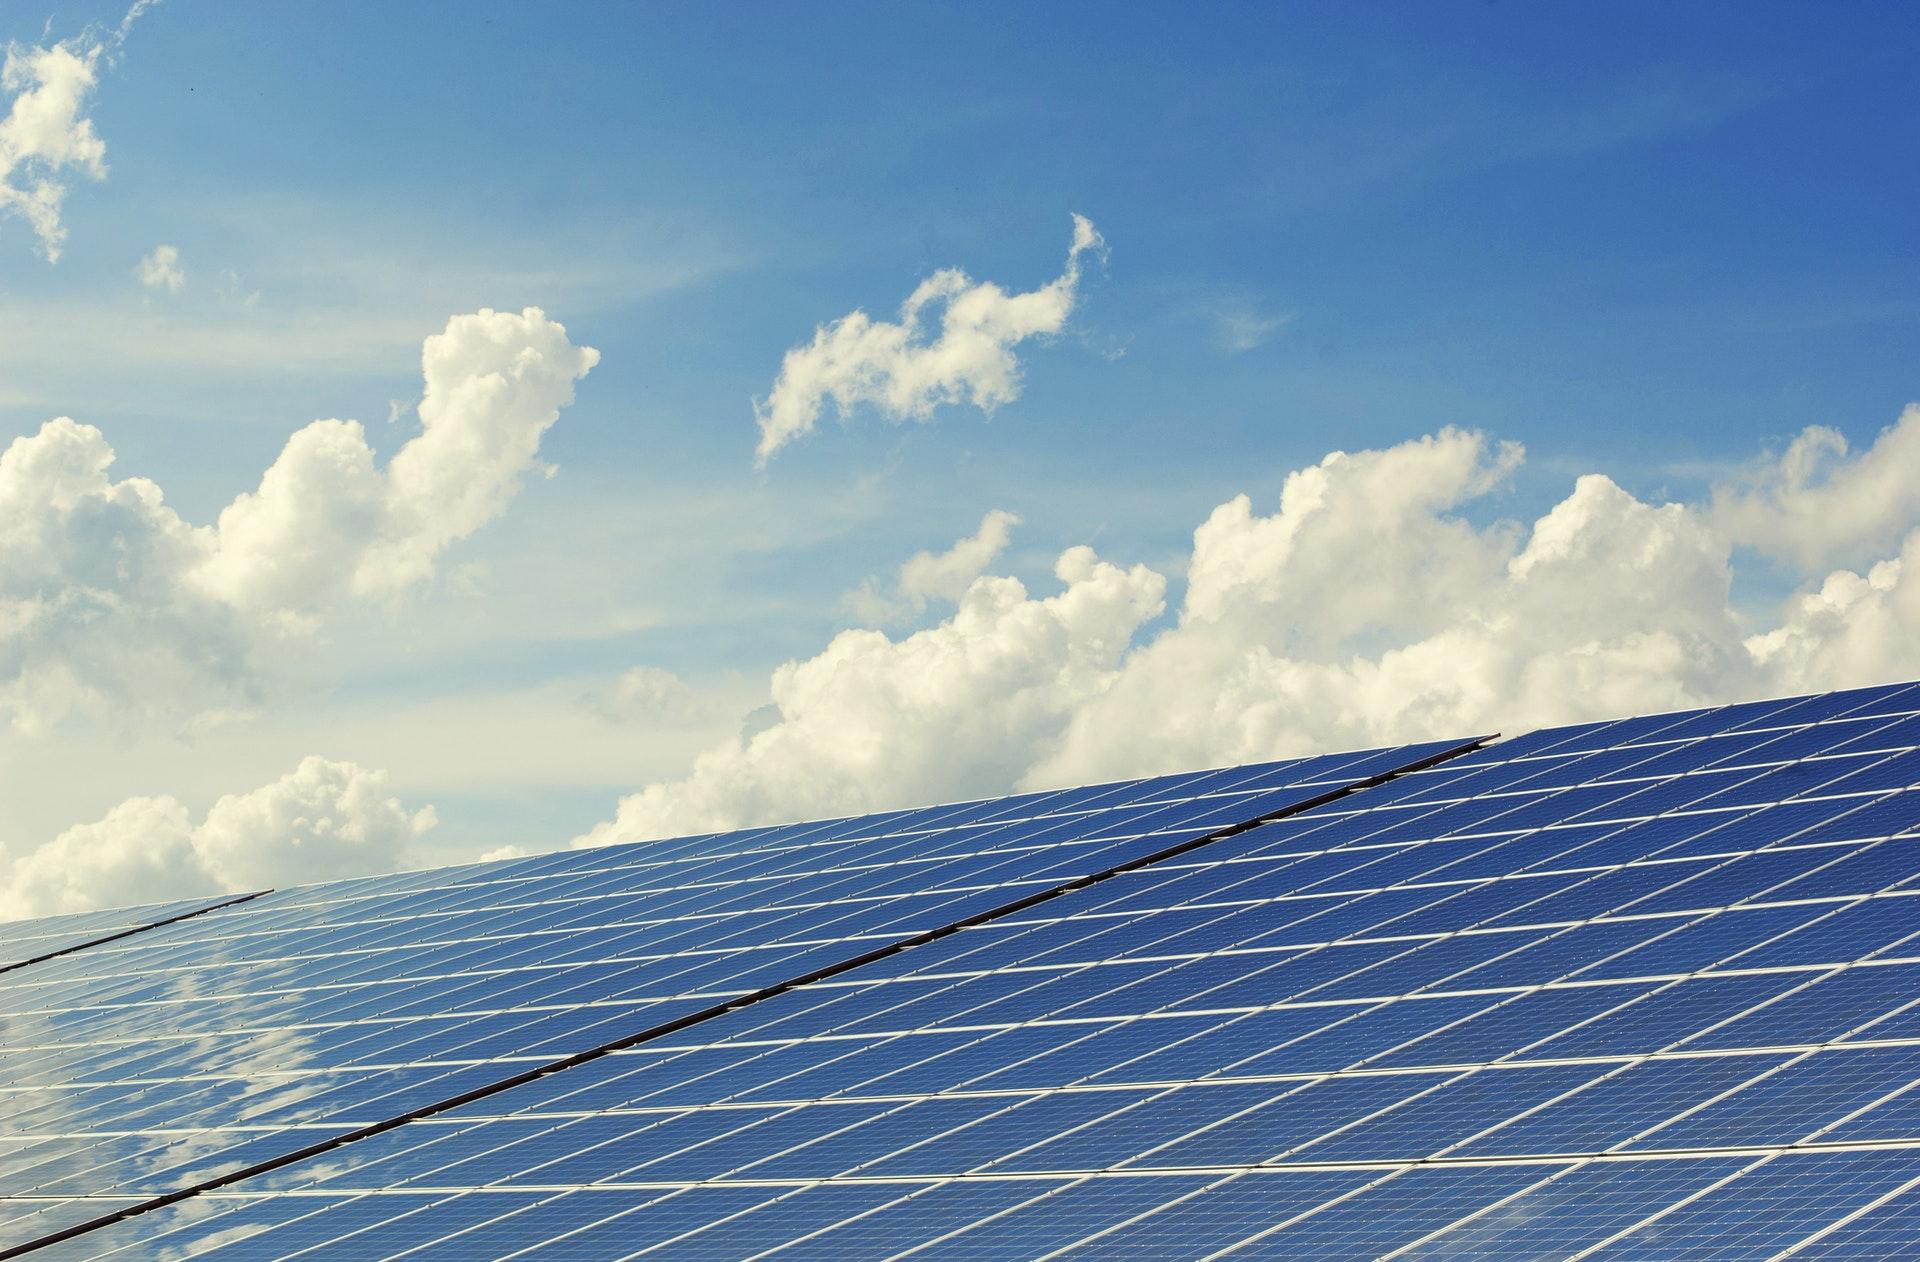 القمة العالمية لطاقة المستقبل بأبوظبي Abu Dhabi تناقش تحديات البيئة والمناخ